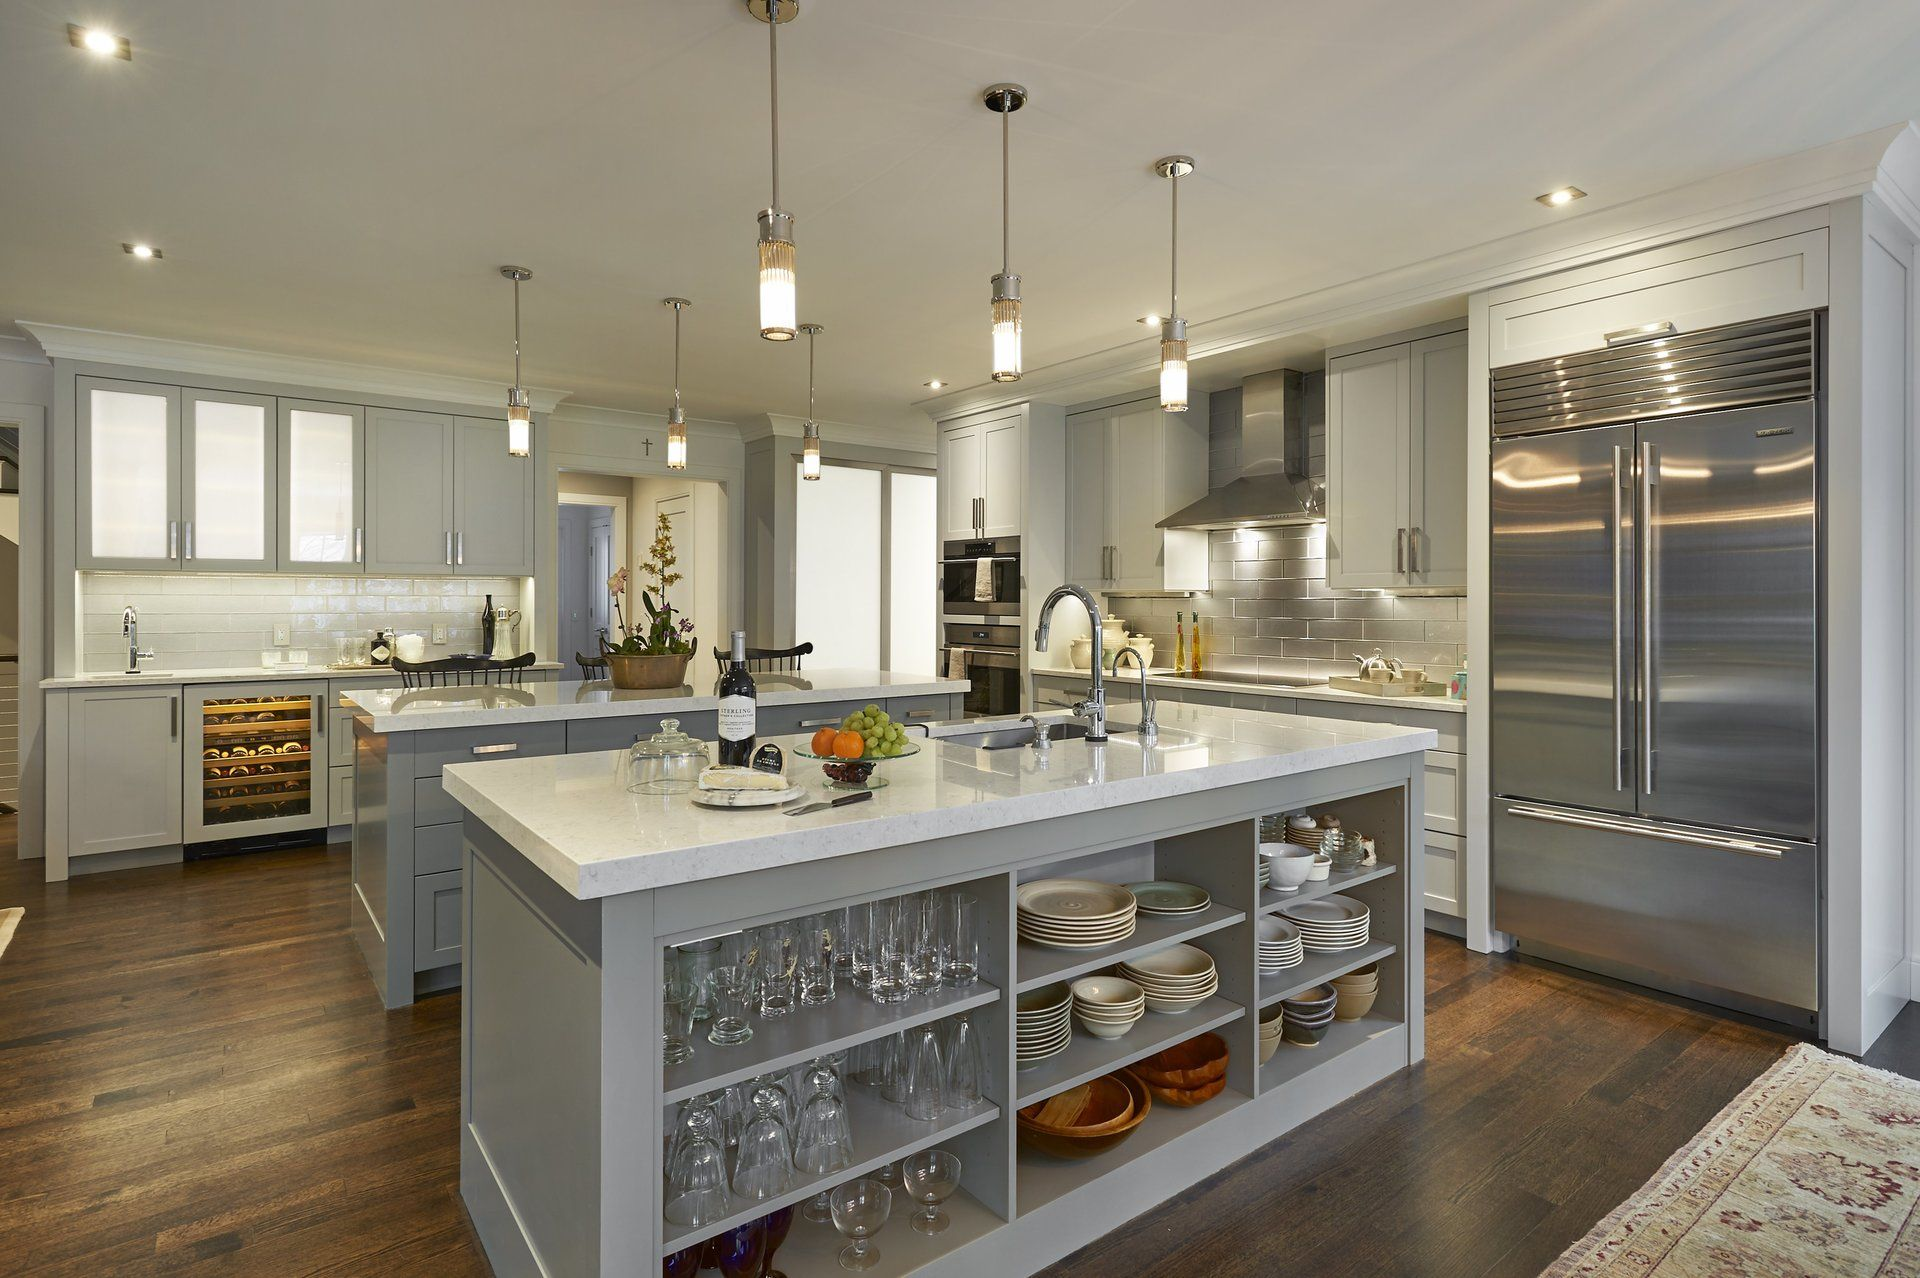 Kitchen Cabinets Greenwich Ct Luxury Kitchen Cabinets Custom Cabinetry Custom Kitchen Cabinets